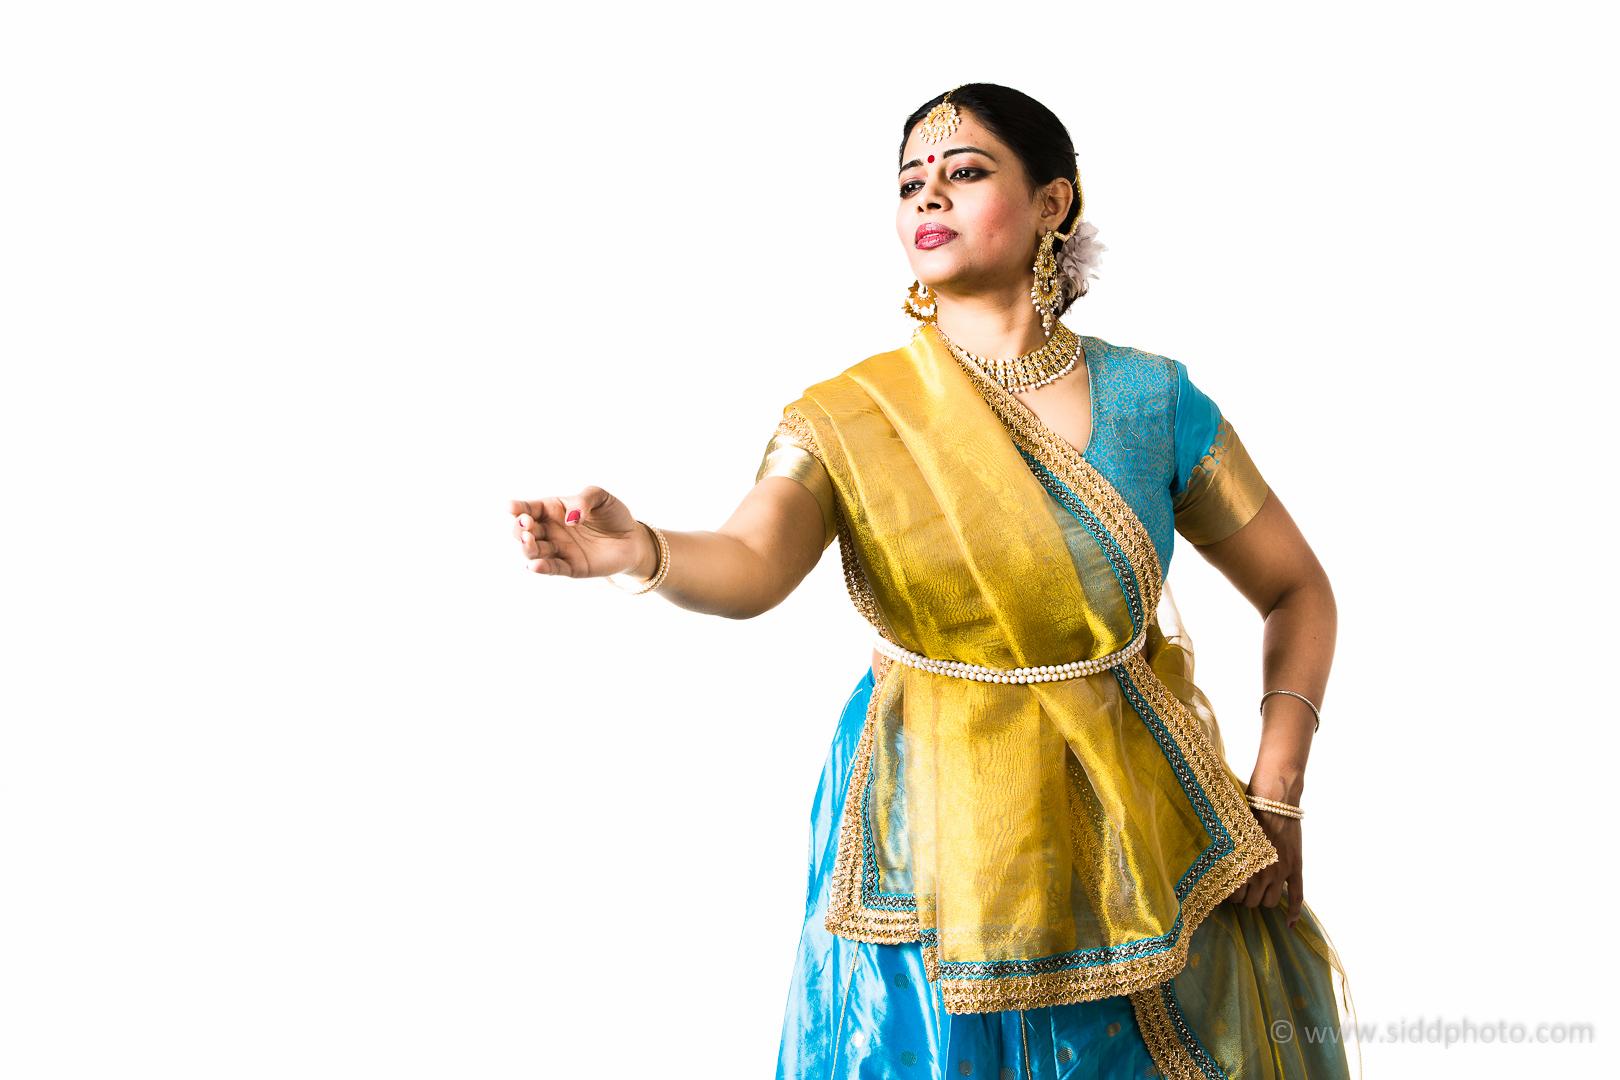 2012-04-21 - Antara Dutta Katthak Photoshoot - EO5C9783-01